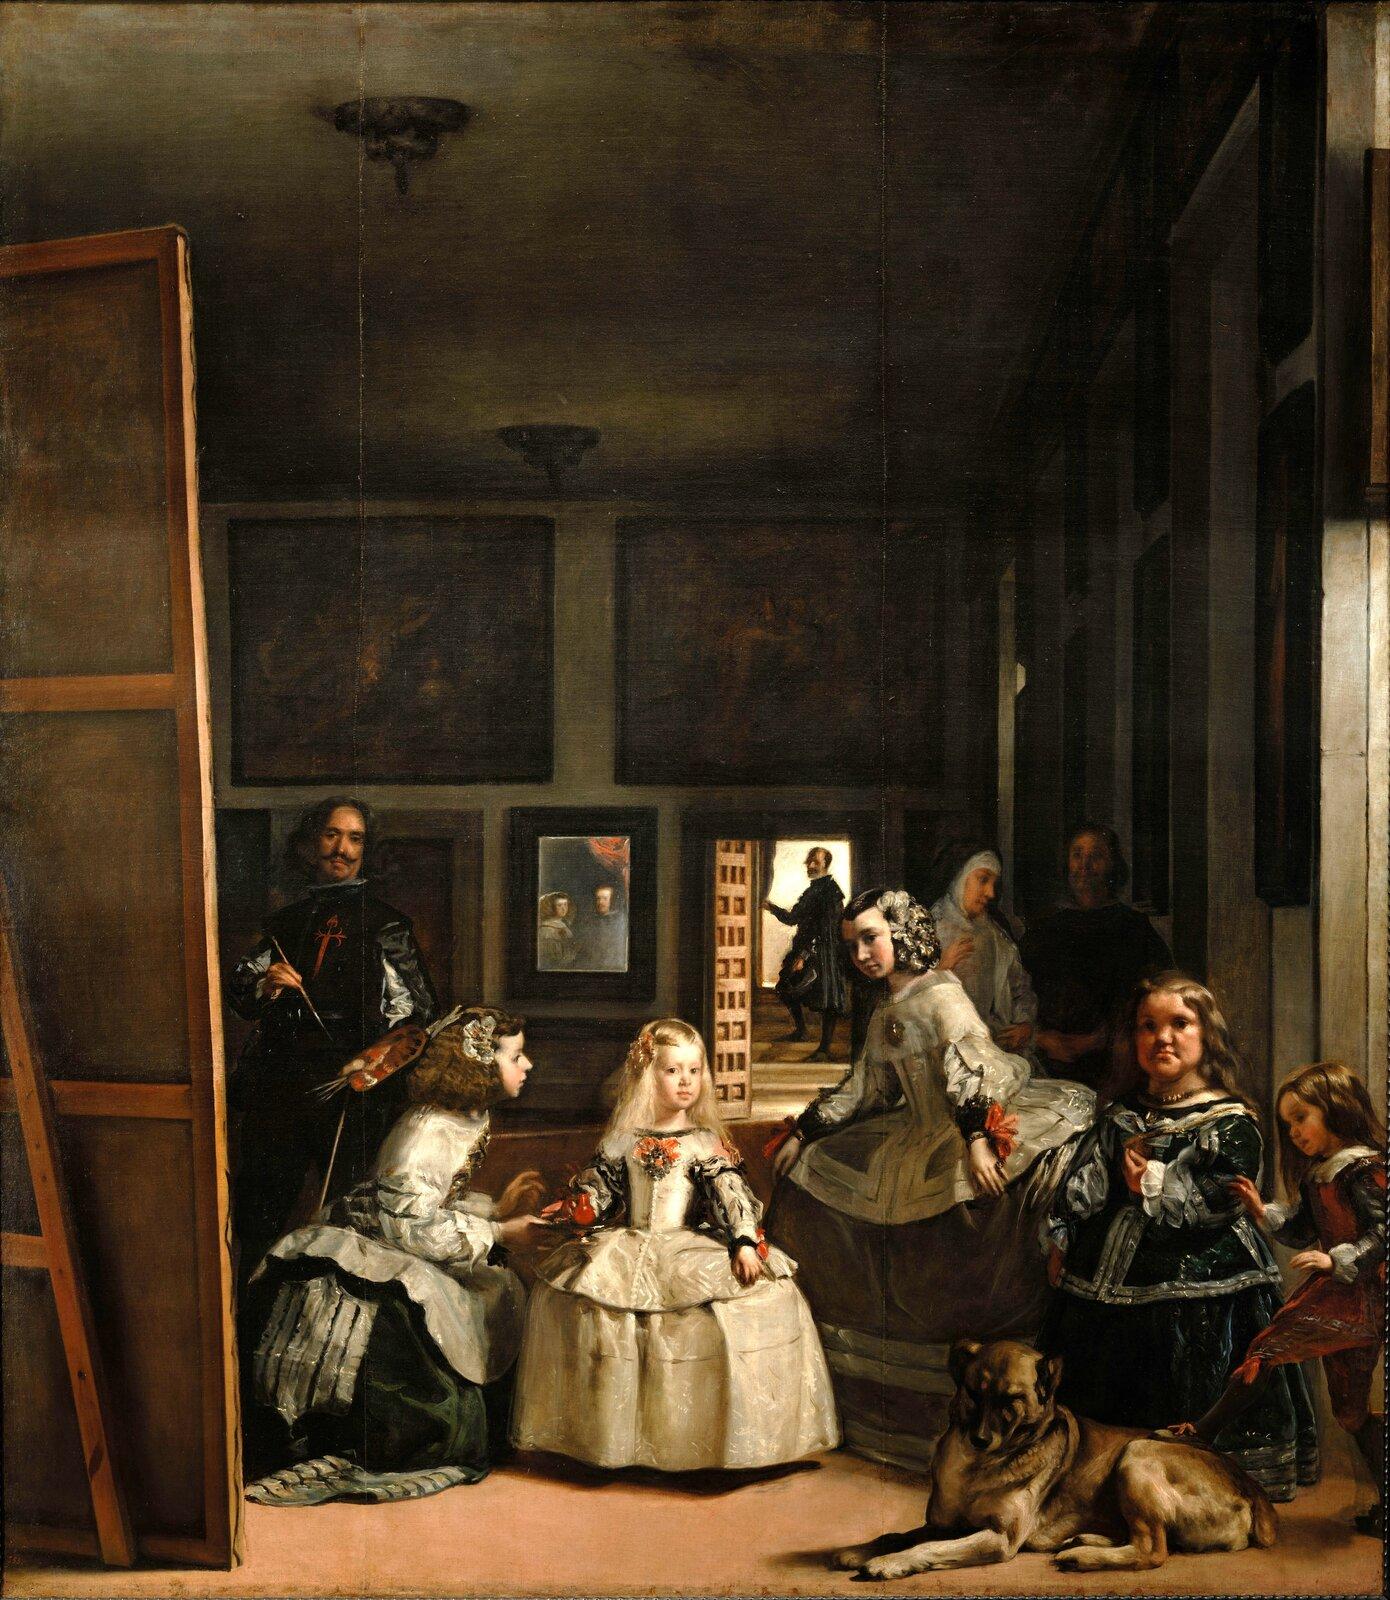 """Ilustracja przedstawia dzieło Velázqueza pt. """"Panny dworskie"""". Obraz przedstawia pięcioletnią infantkę Małgorzatę Teresę, jedyną córkę króla Filipa IV ijego żony Marianny, wuroczystym stroju wotoczeniu dworzan. Scena przedstawiona na obrazie rozgrywa się wgalerii Cuarto del Principe Starego Alkazaru wMadrycie."""